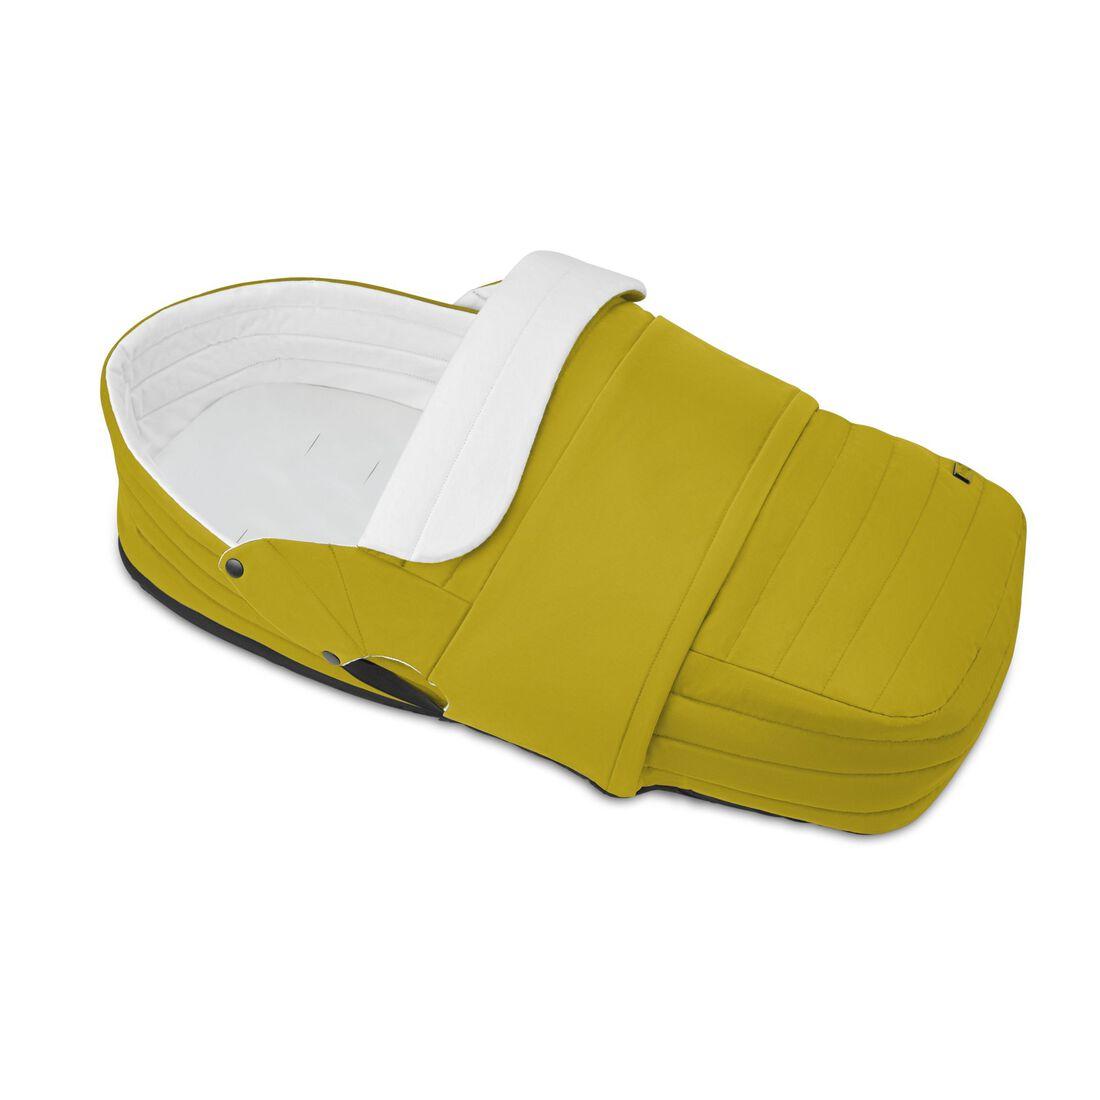 CYBEX Lite Cot - Mustard Yellow in Mustard Yellow large Bild 3